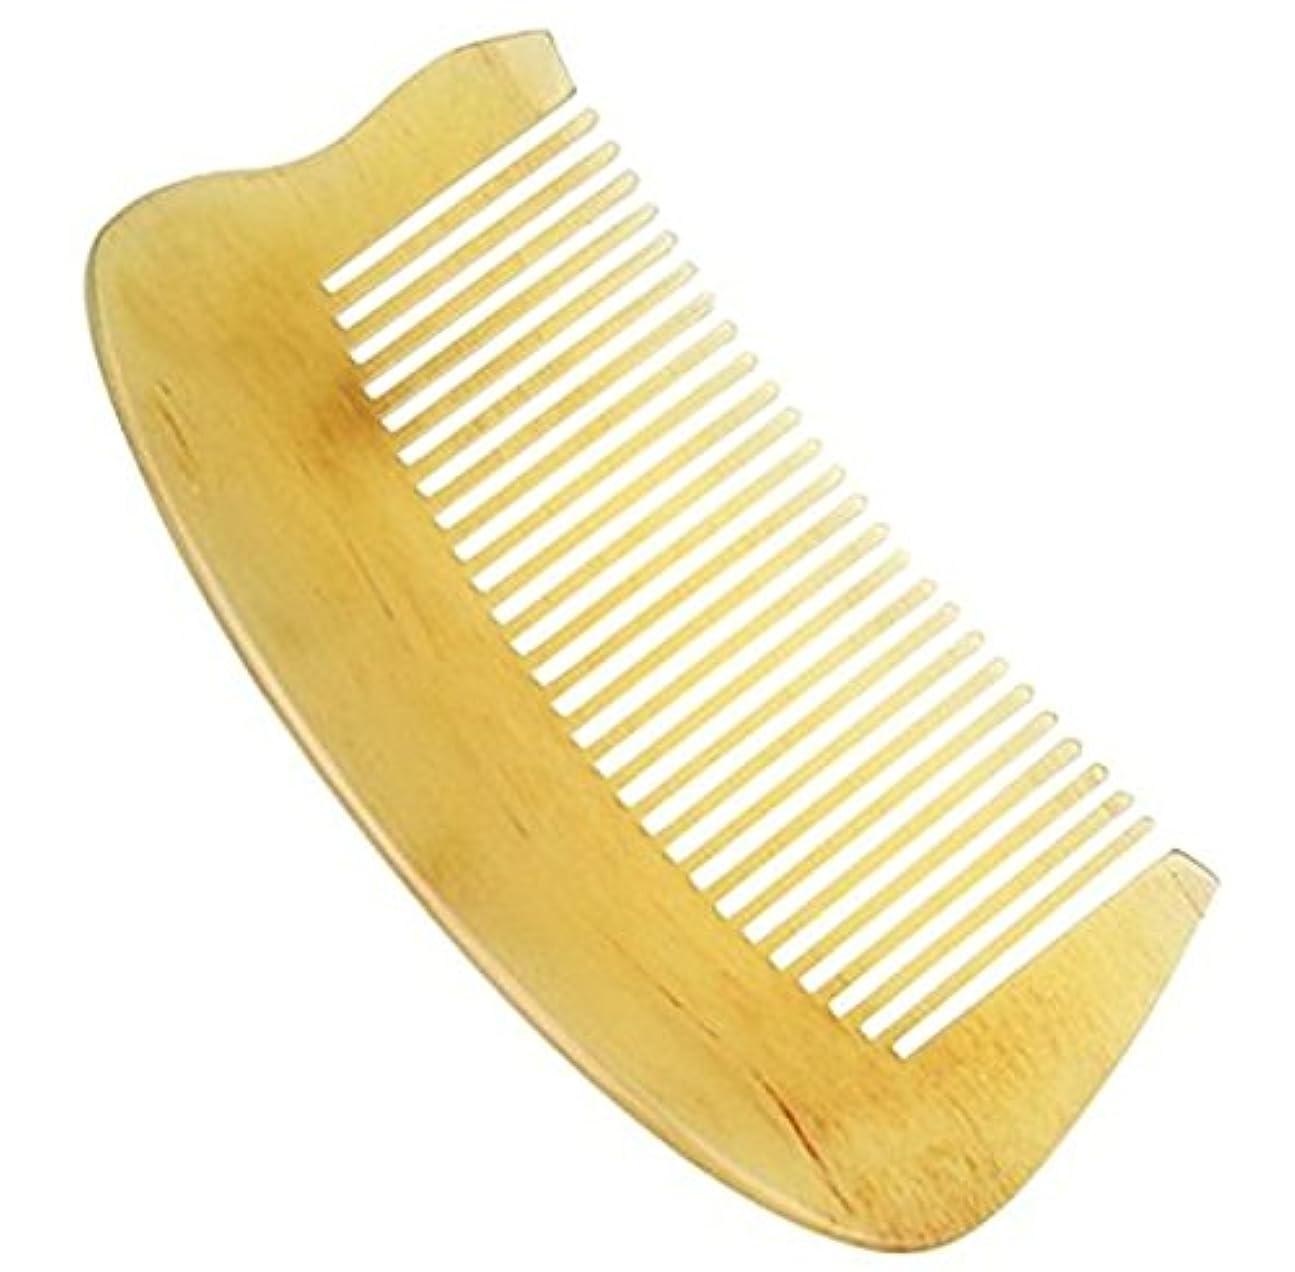 空洞サラダ味方櫛型 プロも使う羊角かっさプレート マサージ用 血行改善 高級 天然 静電気 防止 美髪